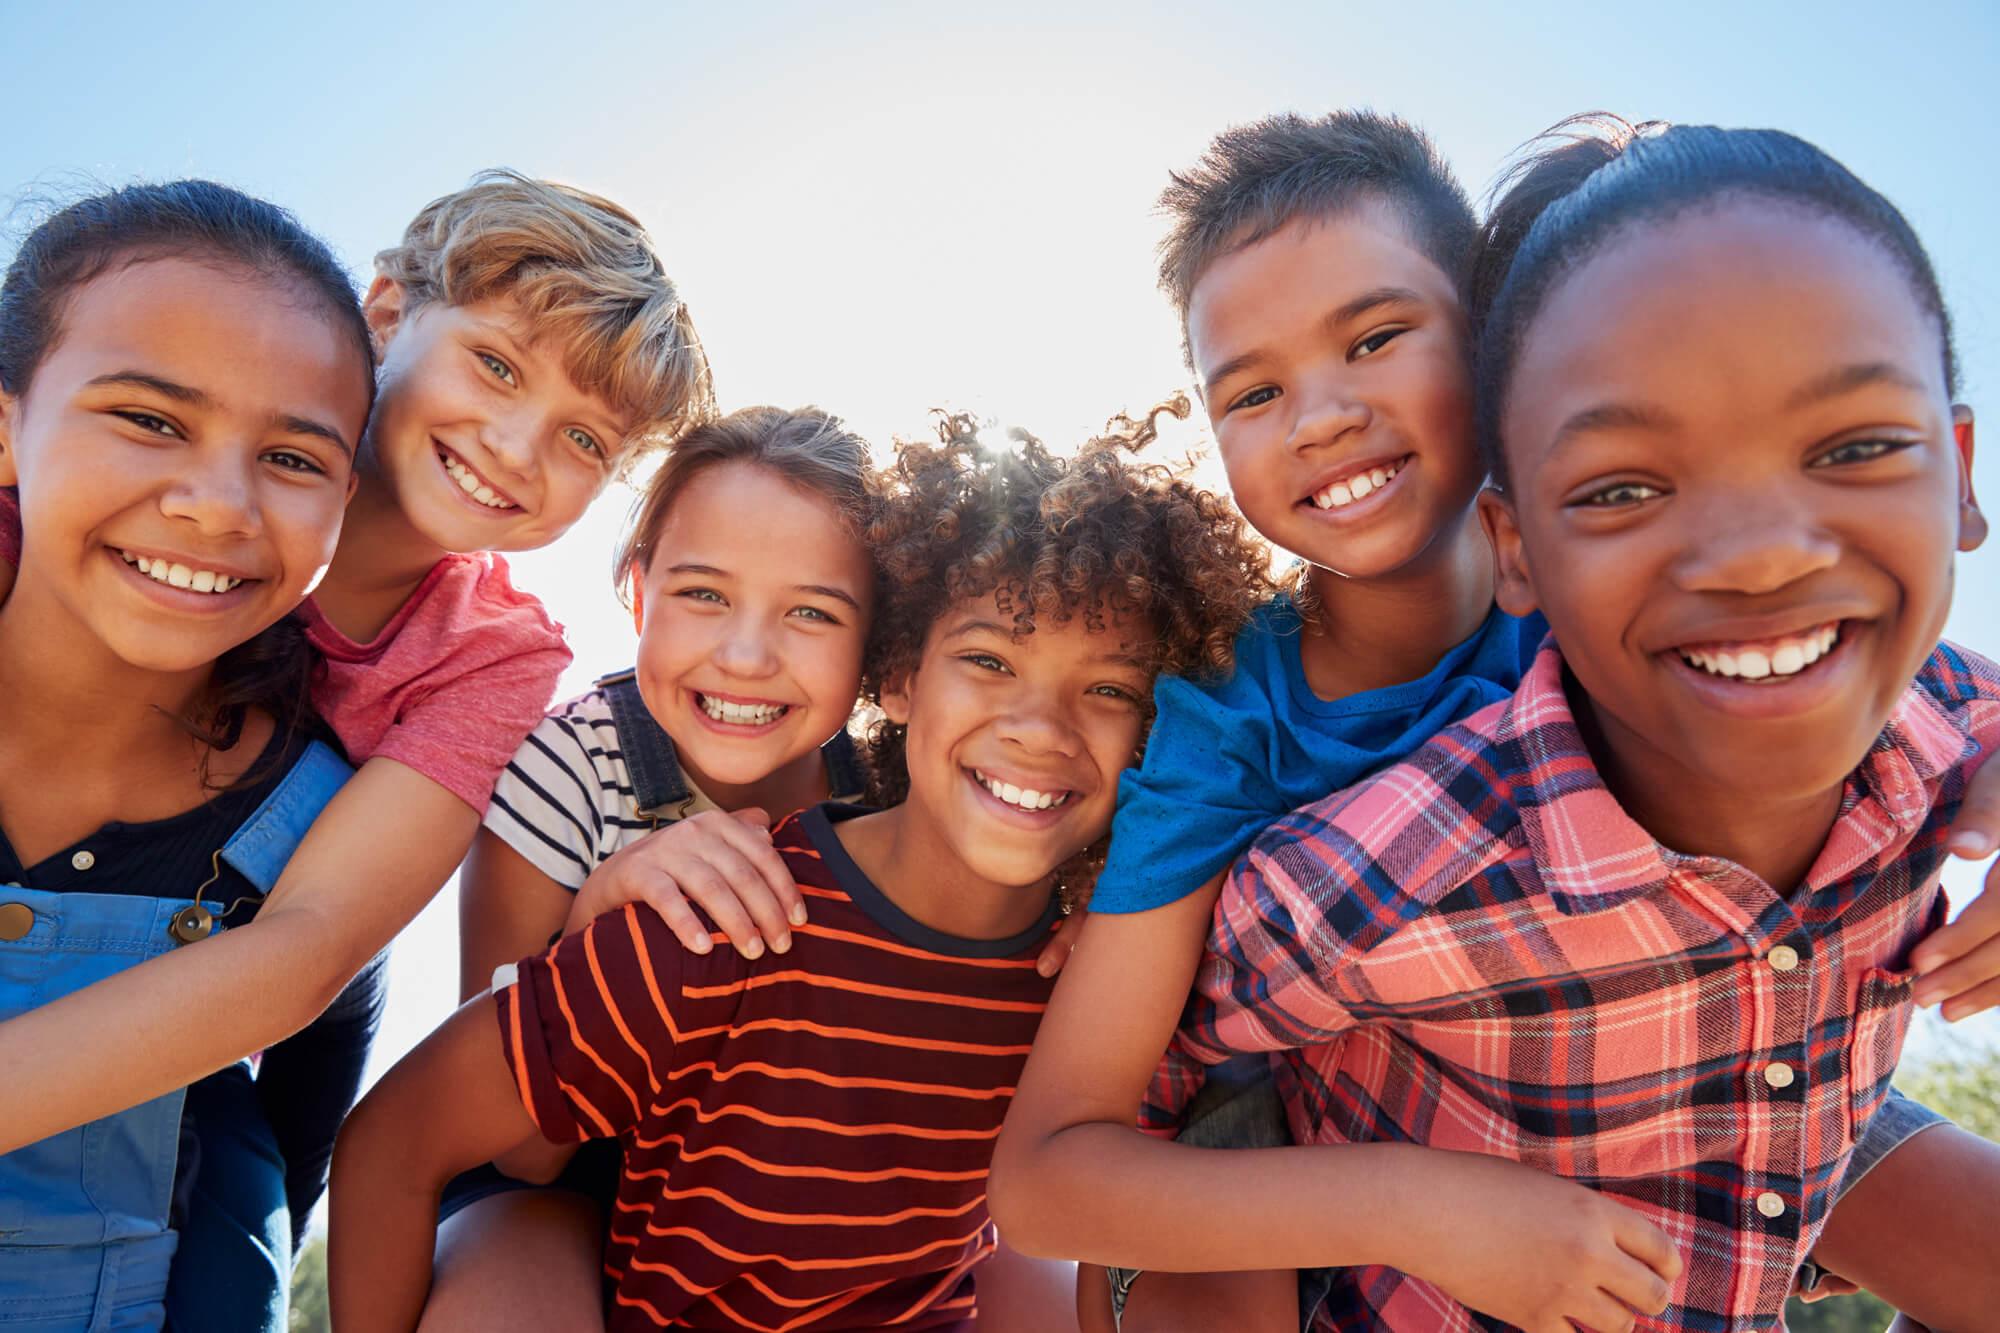 CSM_Image-camps-de-vacances_groupe-enfants-heureux BD